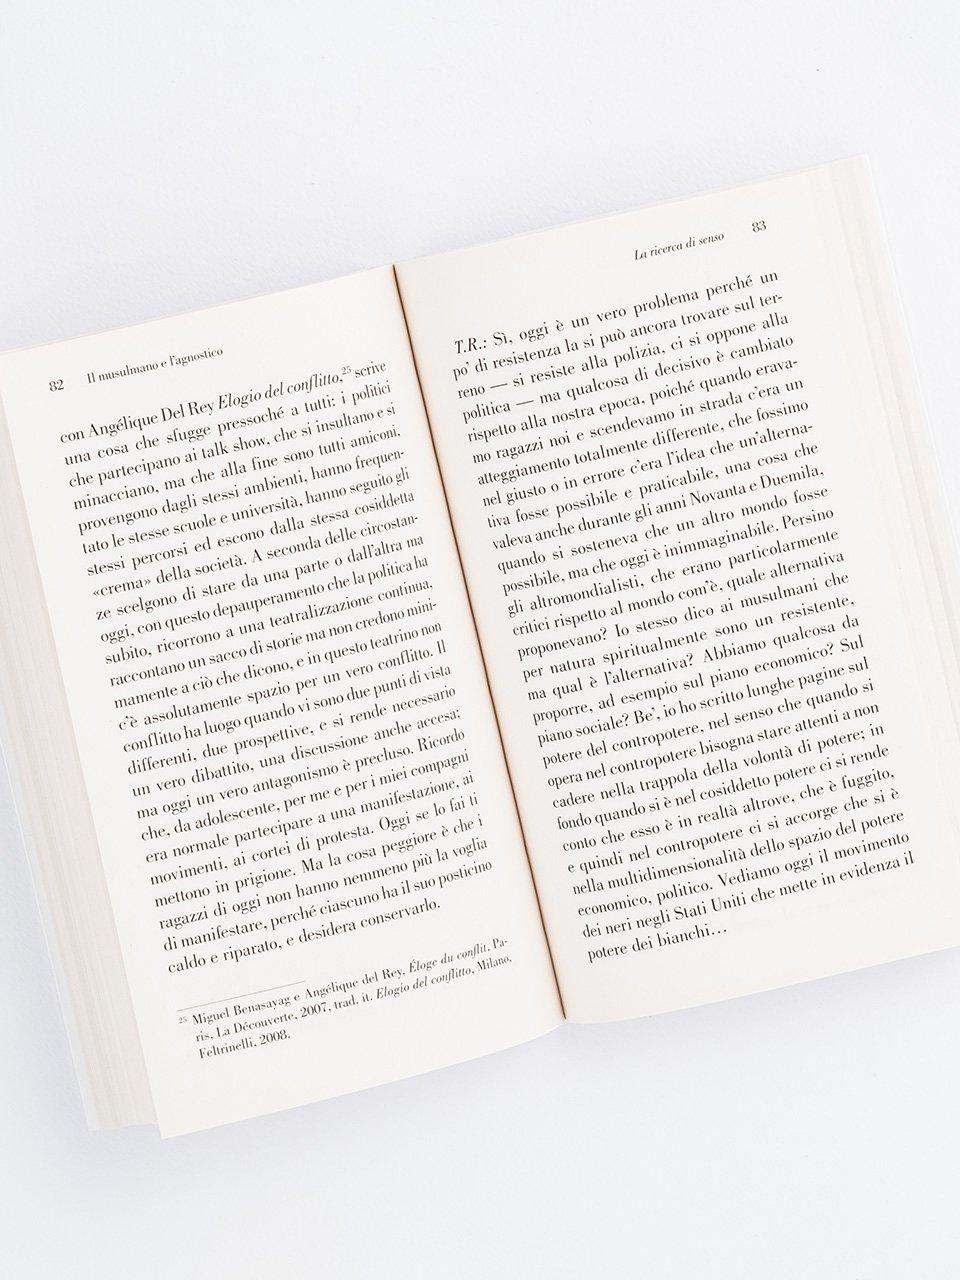 Il musulmano e l'agnostico - Libri - Erickson 2